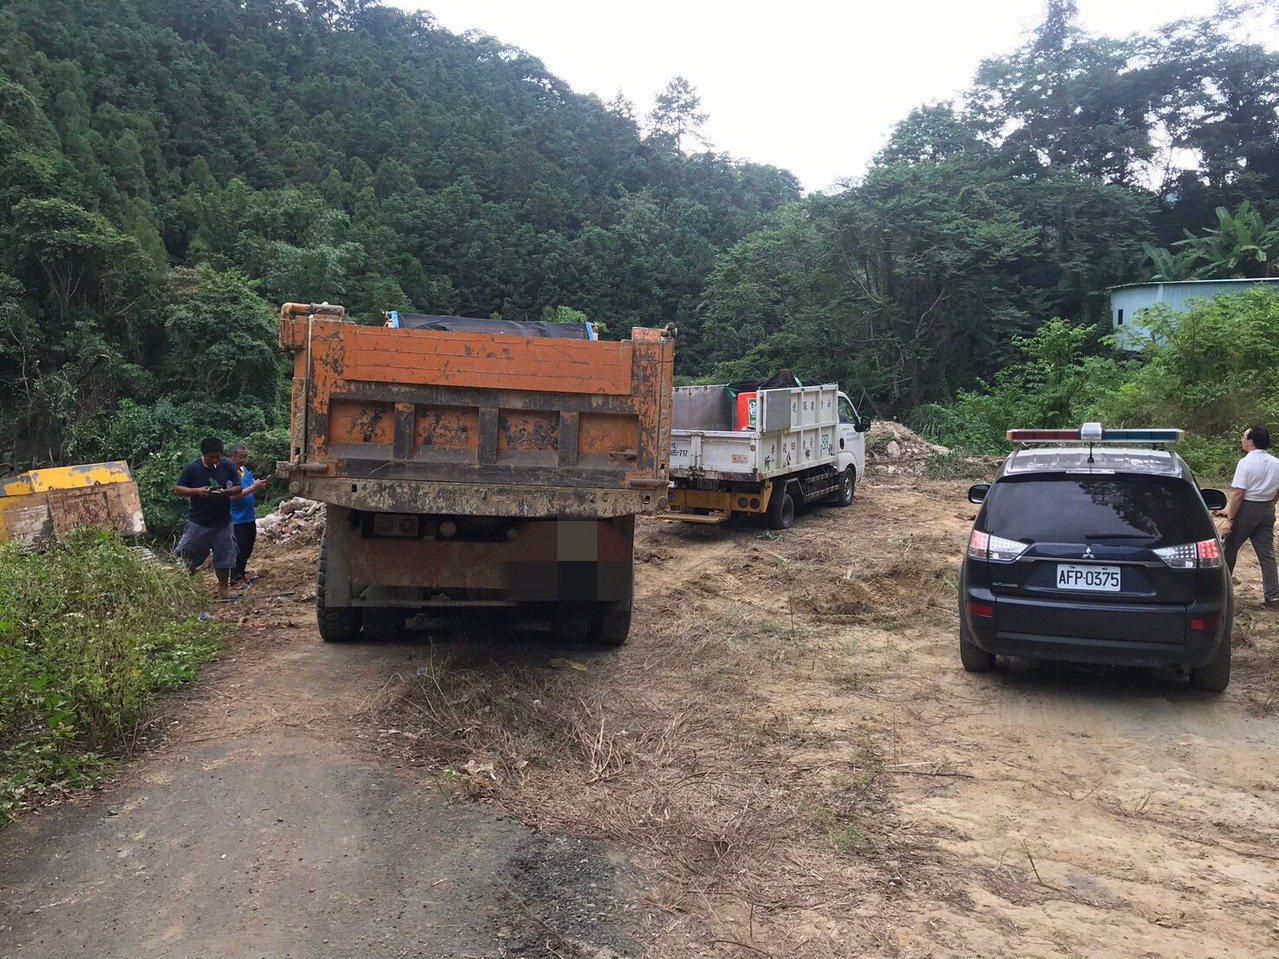 黃姓司機以為來到北埔鄉偏僻的山區傾倒廢棄物不會被發現,特地從新竹市區翻山越嶺來鋌...